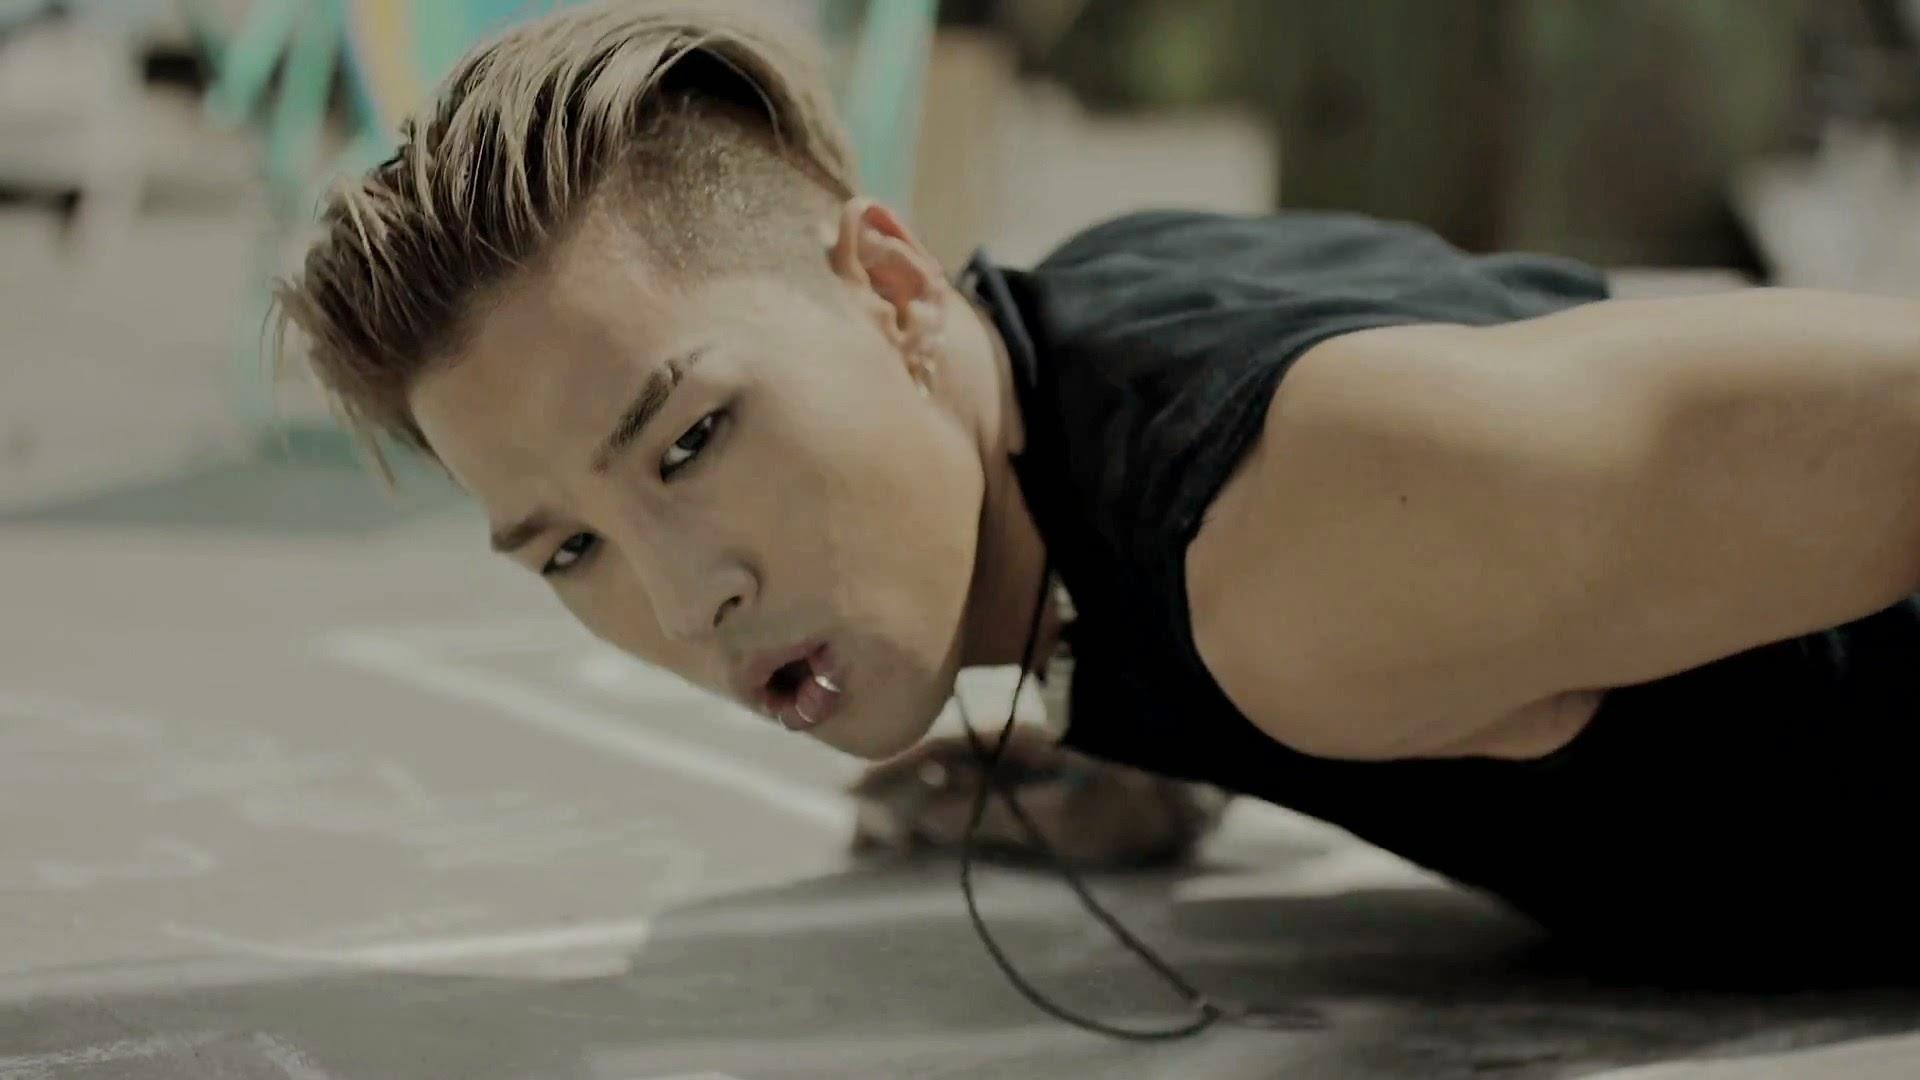 Bigbang's Taeyang in Loser MV